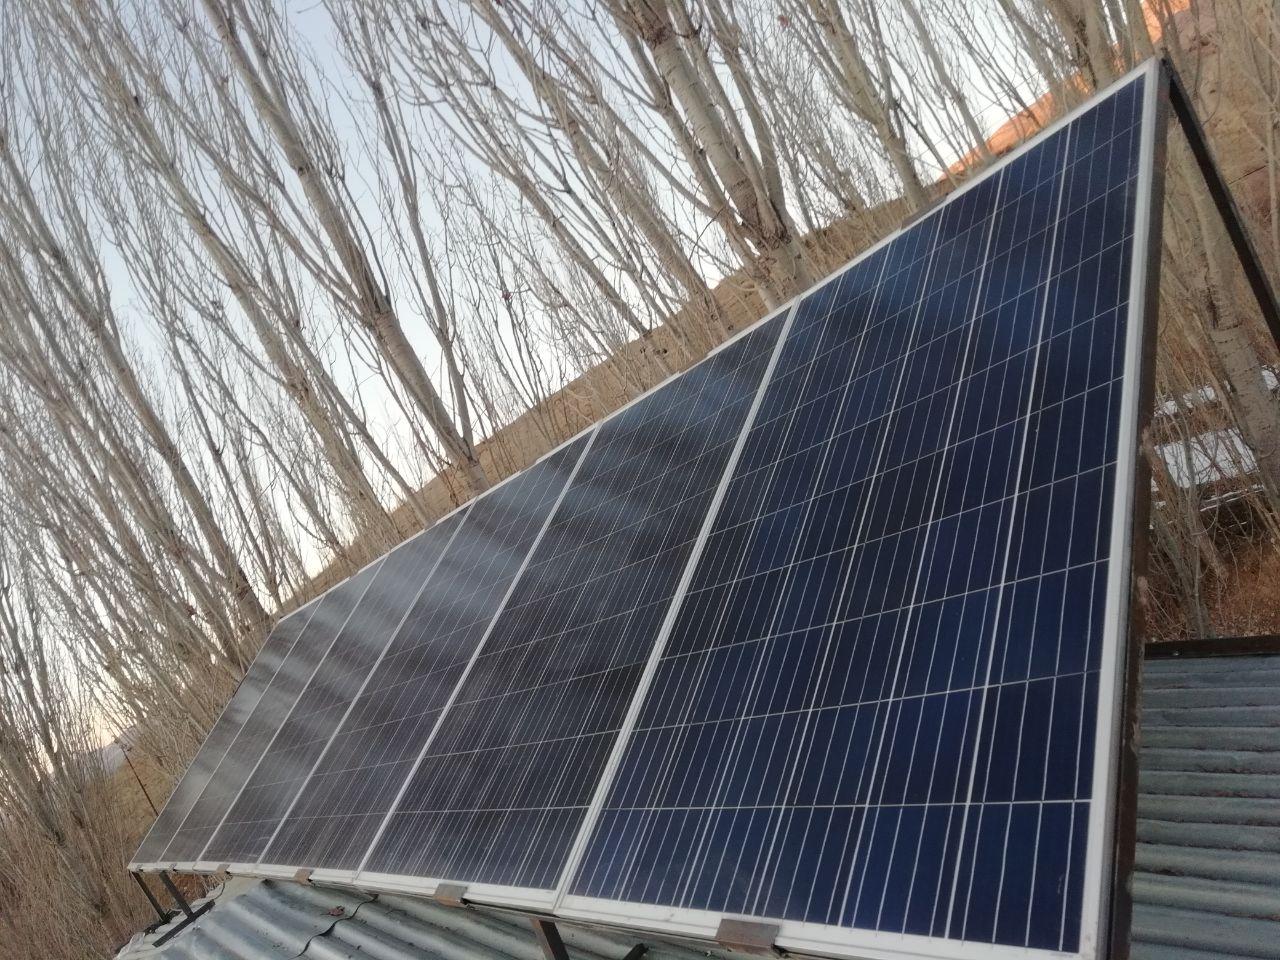 سیستم برق خورشیدی برای مصارف ضعیف مثل روشنایی